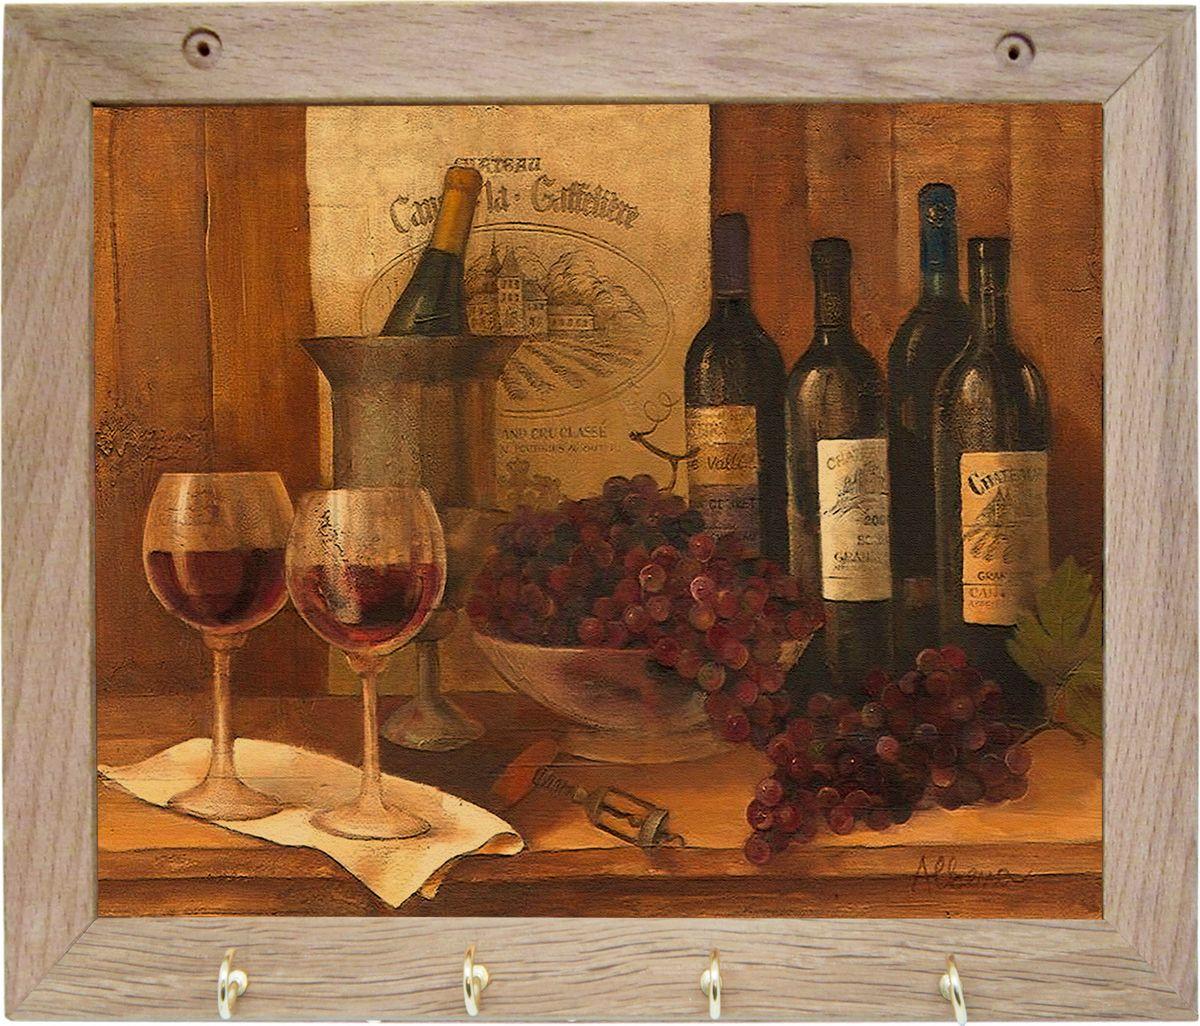 Вешалка GiftnHome Винтажные вина, с 4 крючками, 20 х 25 смTH-VinWinesArt-Casual - что значит буквально: повседневное искусство - это Новый тренд, новый стиль предложения обычных домашних аксессуаров в качестве элементов, задающих стиль и шарм окружающего пространства.Уникальное сочетание привычной функциональности и декоративной, интерьерной функции - это актуальная, современная тенденция от прогрессивных производителей товаров для дома. Вешалка для полотенец - это всем знакомый, понятный и нужный предмет в каждом доме.Проект GiftnHome предлагает серию изделий из натурального дерева (Eco-Life), в комбинации с модными цветными принтами на корпусе от Креативной студии AntonioK.Это изделия больше, чем просто крючки для полотенец, они несут интерьерное решение, зададут настроение и стиль на вашей кухне, столовой или дачной веранде. В серии Эко-Лайф, от GiftnHome - можно, так же приобрести ключницы, подносы и столики в постель из благородных пород дерева (бук, дуб), с актуальными дизайнами на поверхности древесины.